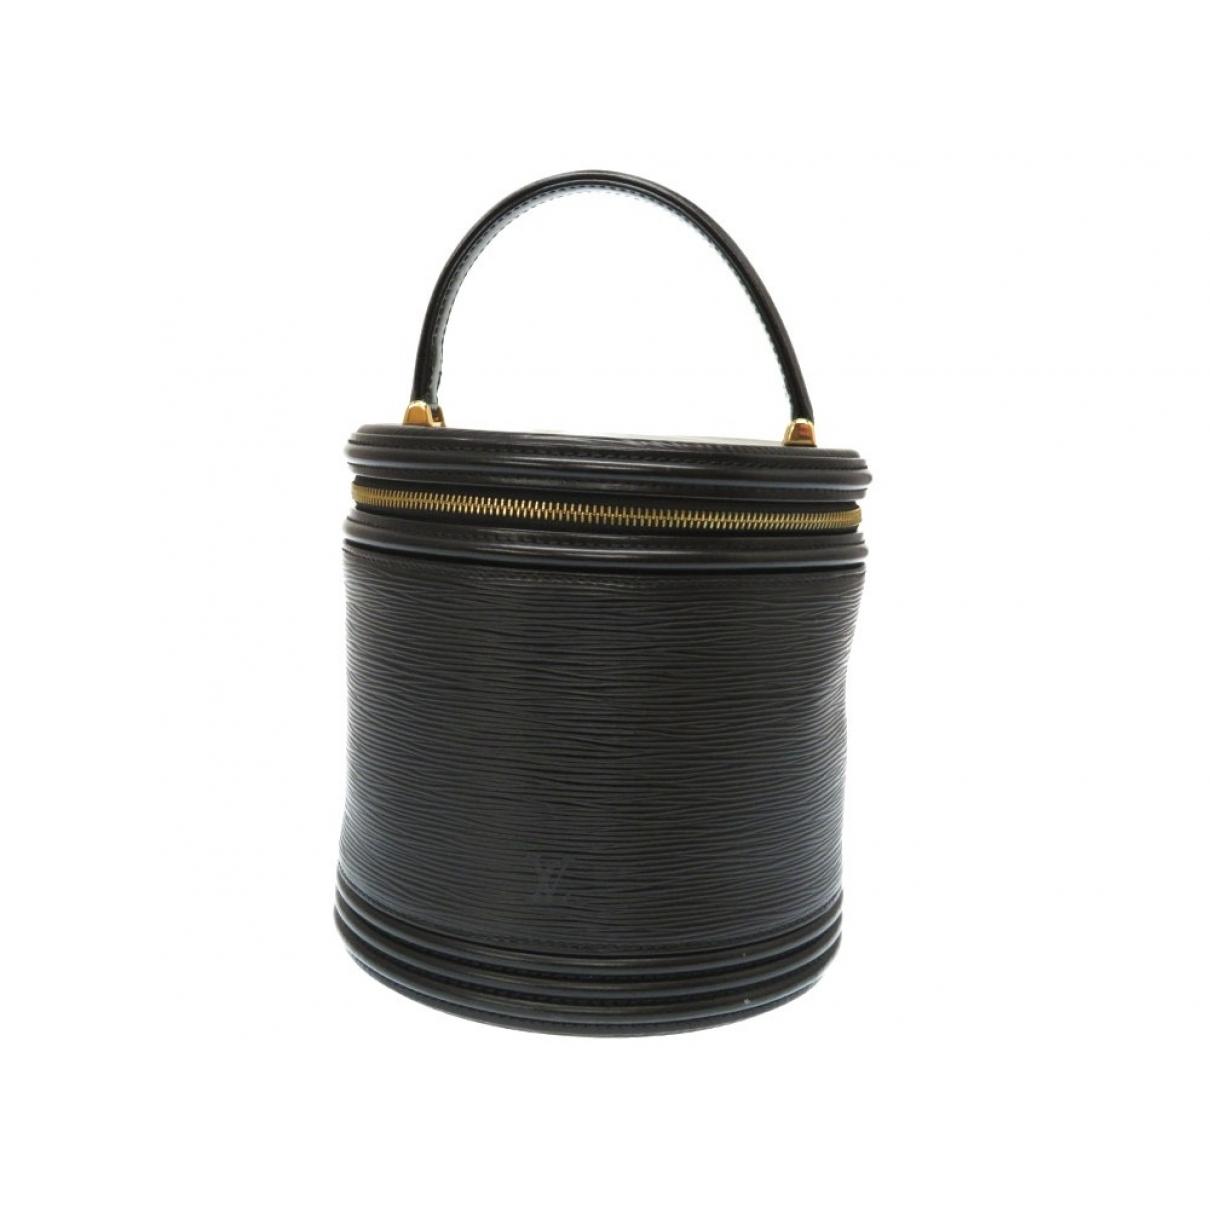 Louis Vuitton - Sac a main Cannes pour femme en cuir - noir